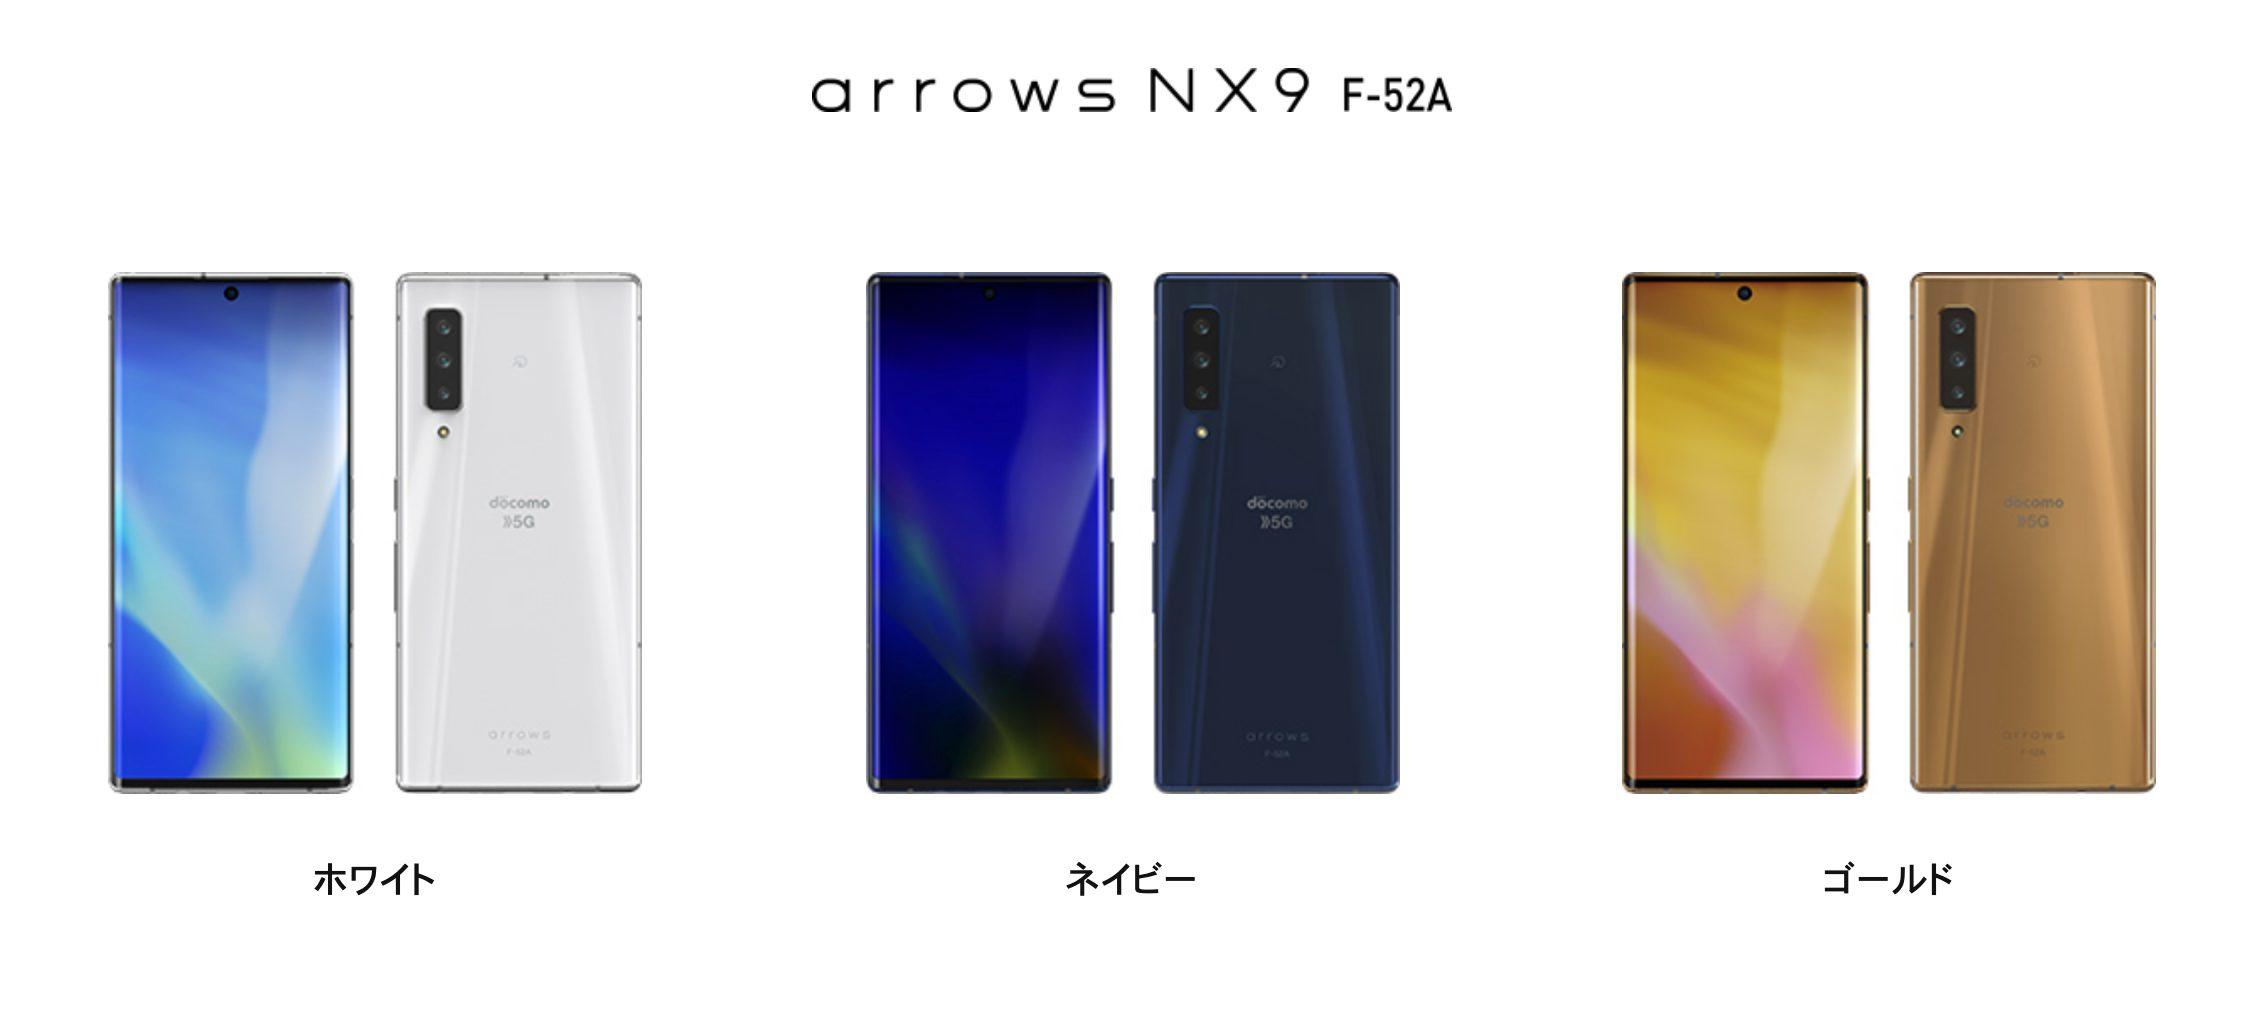 arrows NX9 カラー